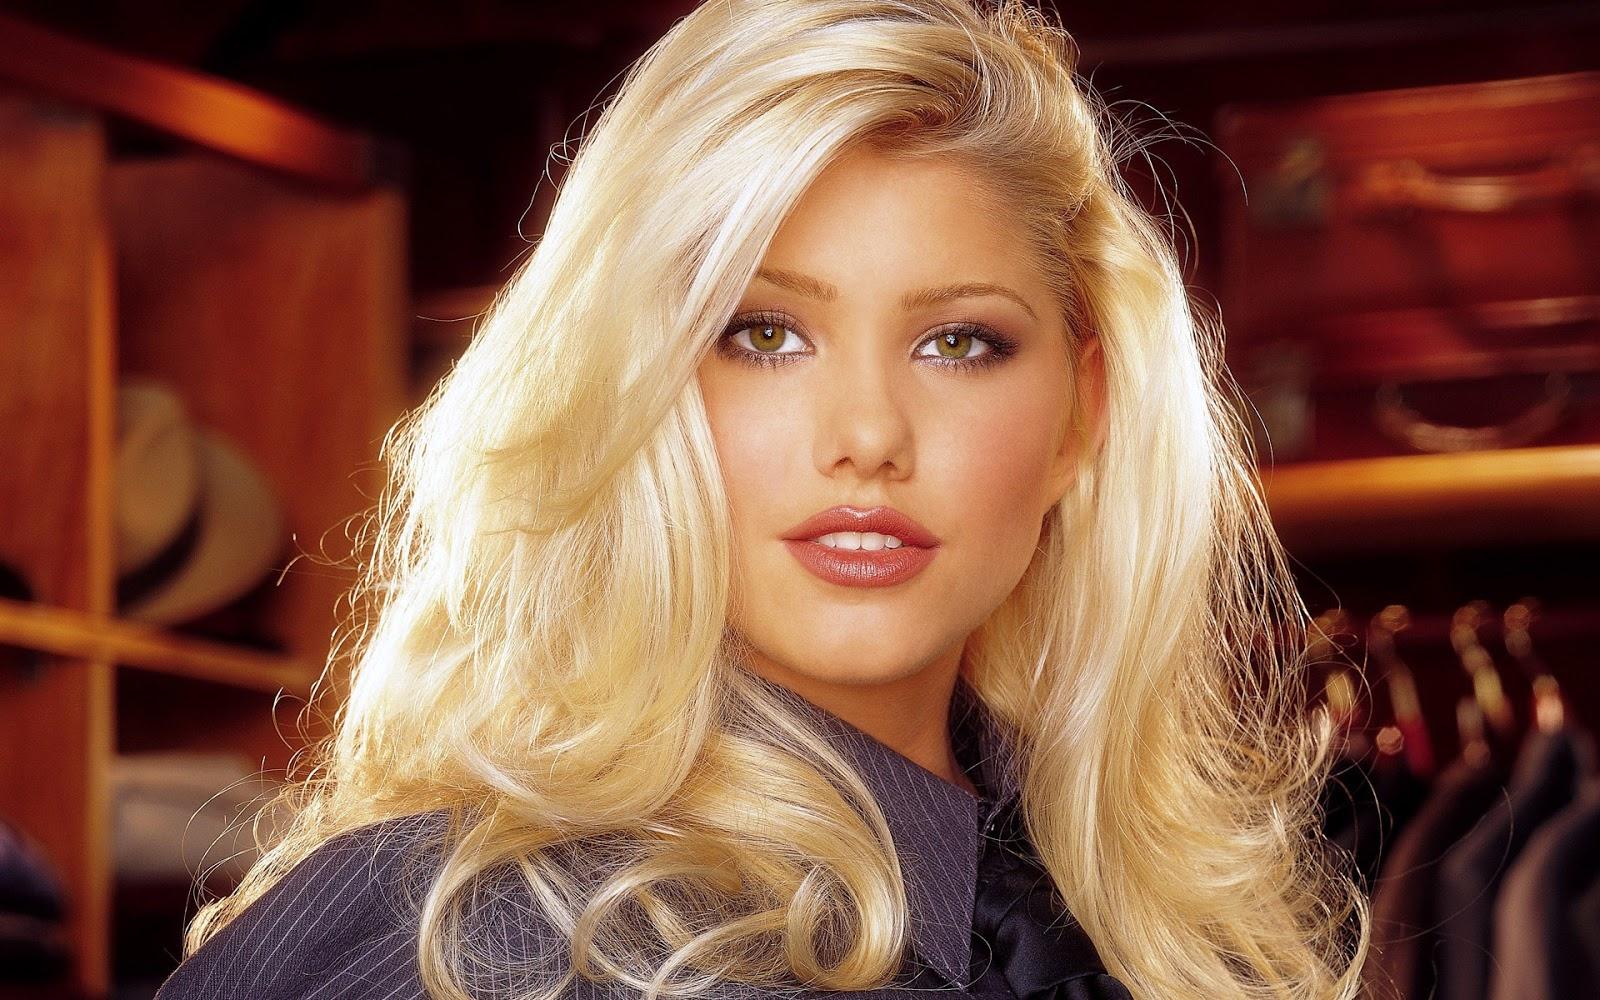 гламурная американка блондинка эякулятор, смазываю